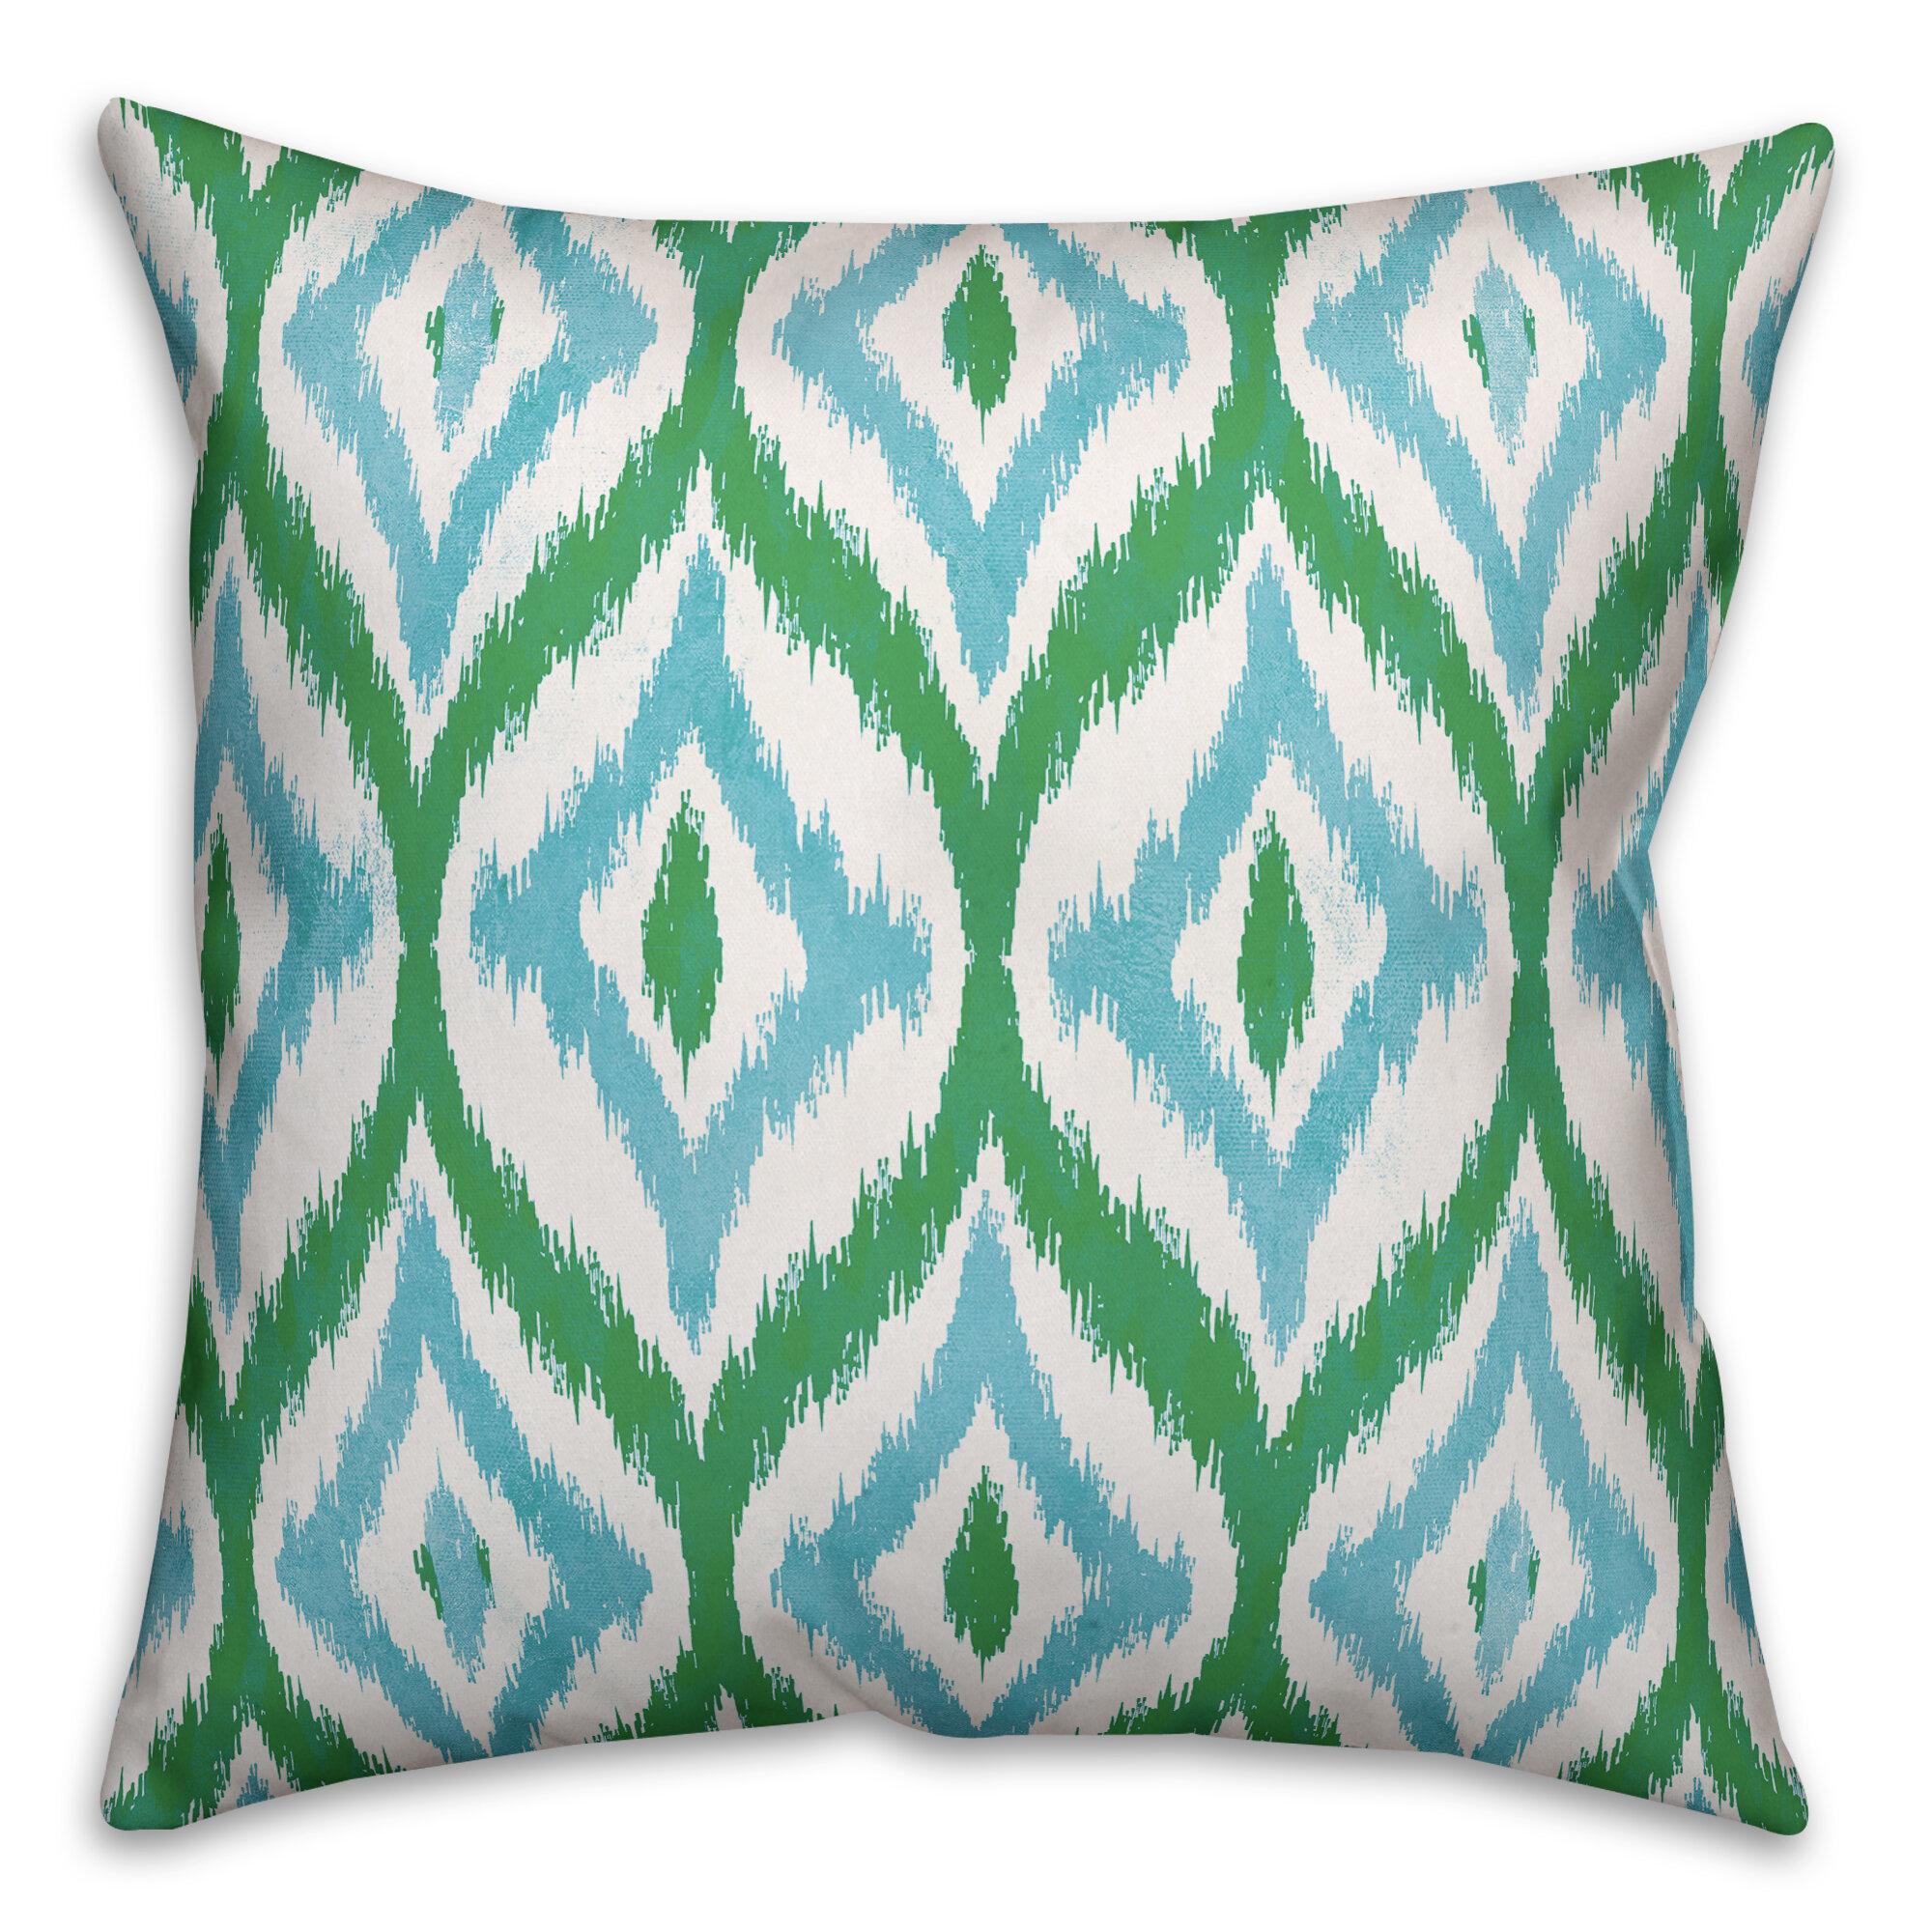 Wrought Studio Linus Ikat Outdoor Throw Pillow Wayfair Ca